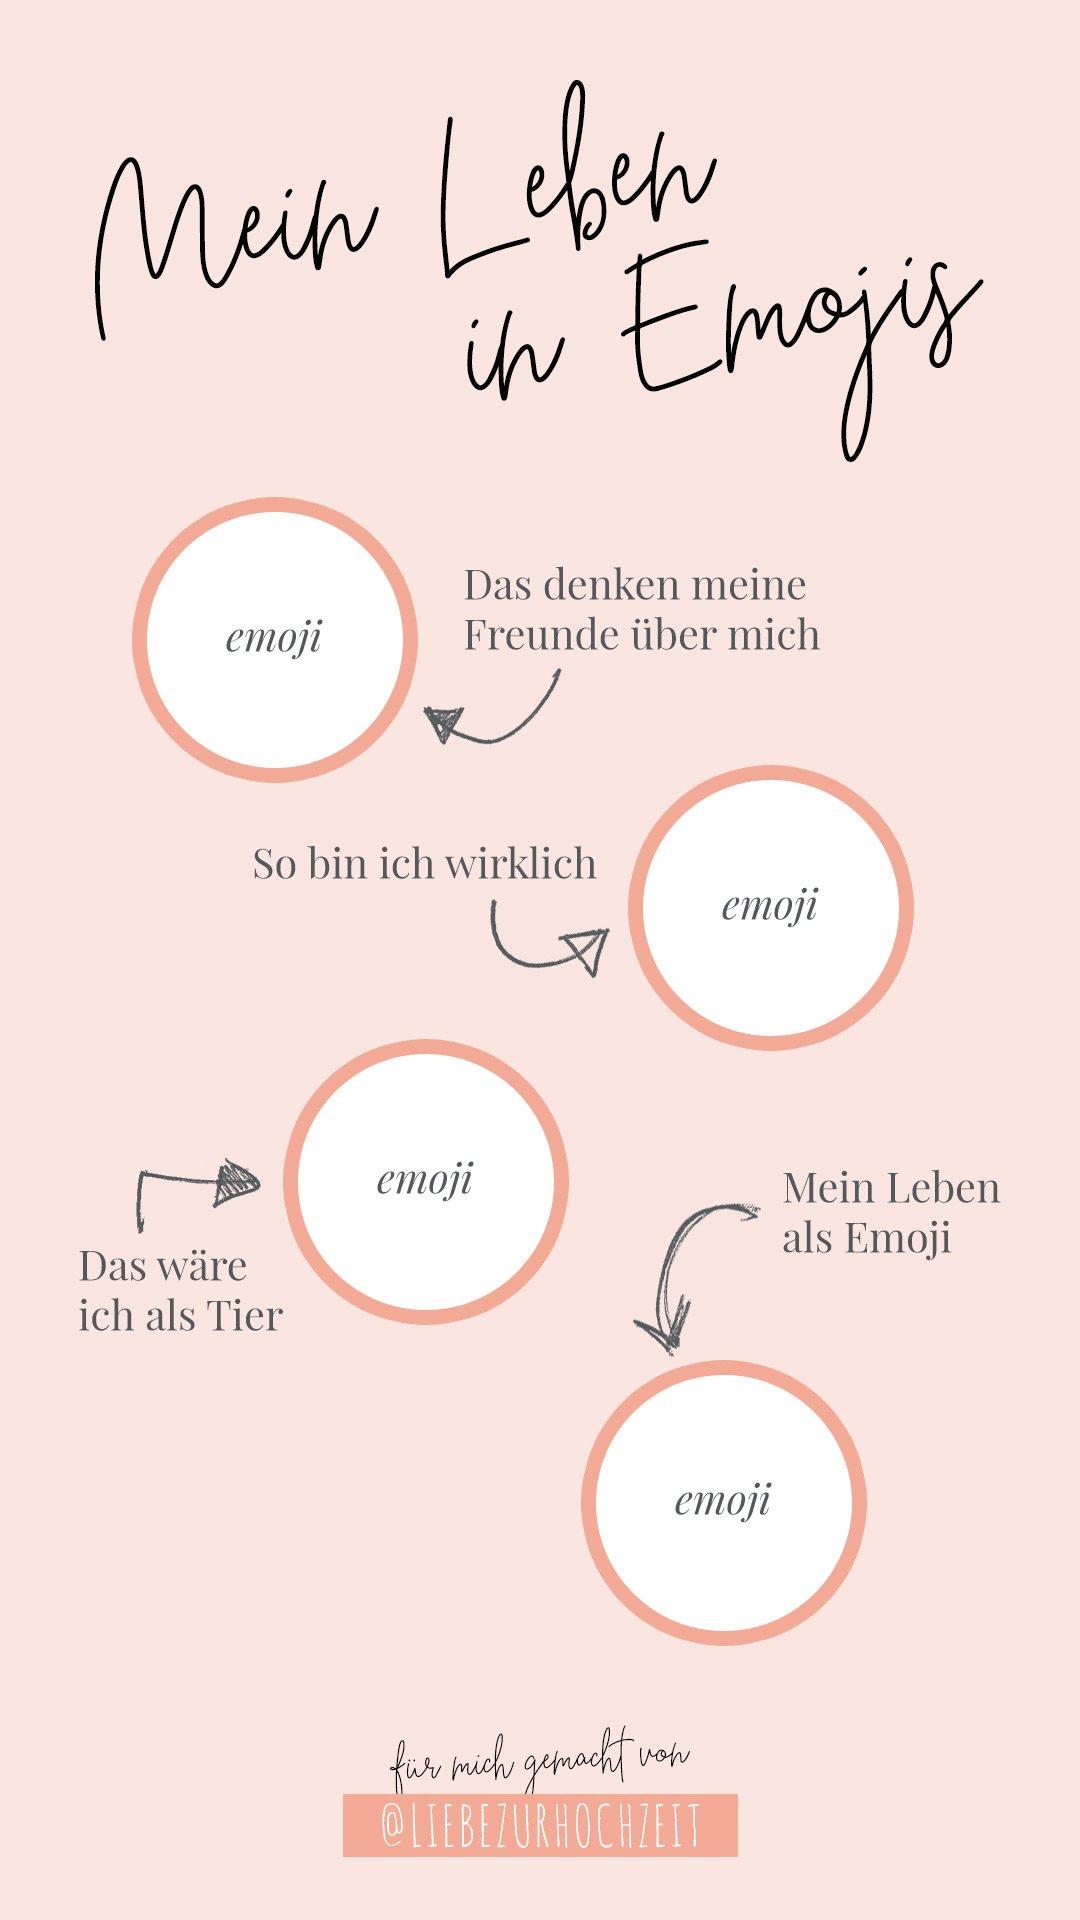 Kostenlose Instastory Templates zum Thema Hochzeit und Braut: Mein Leben in Emojis